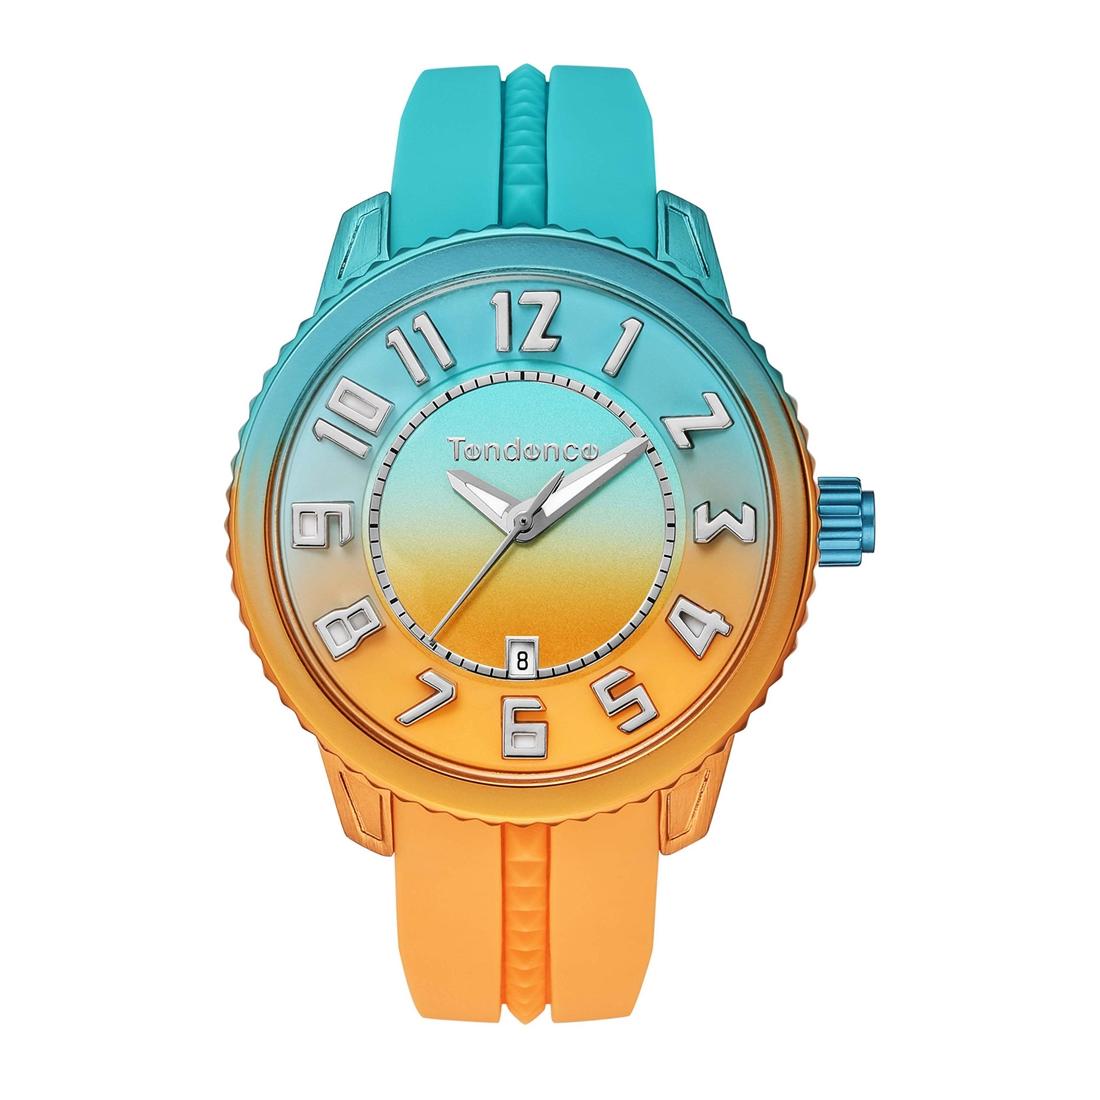 【今ならオーバーサイズノートプレゼント】 テンデンス Tendence TY933002 ディカラー ビーチ 正規品 腕時計